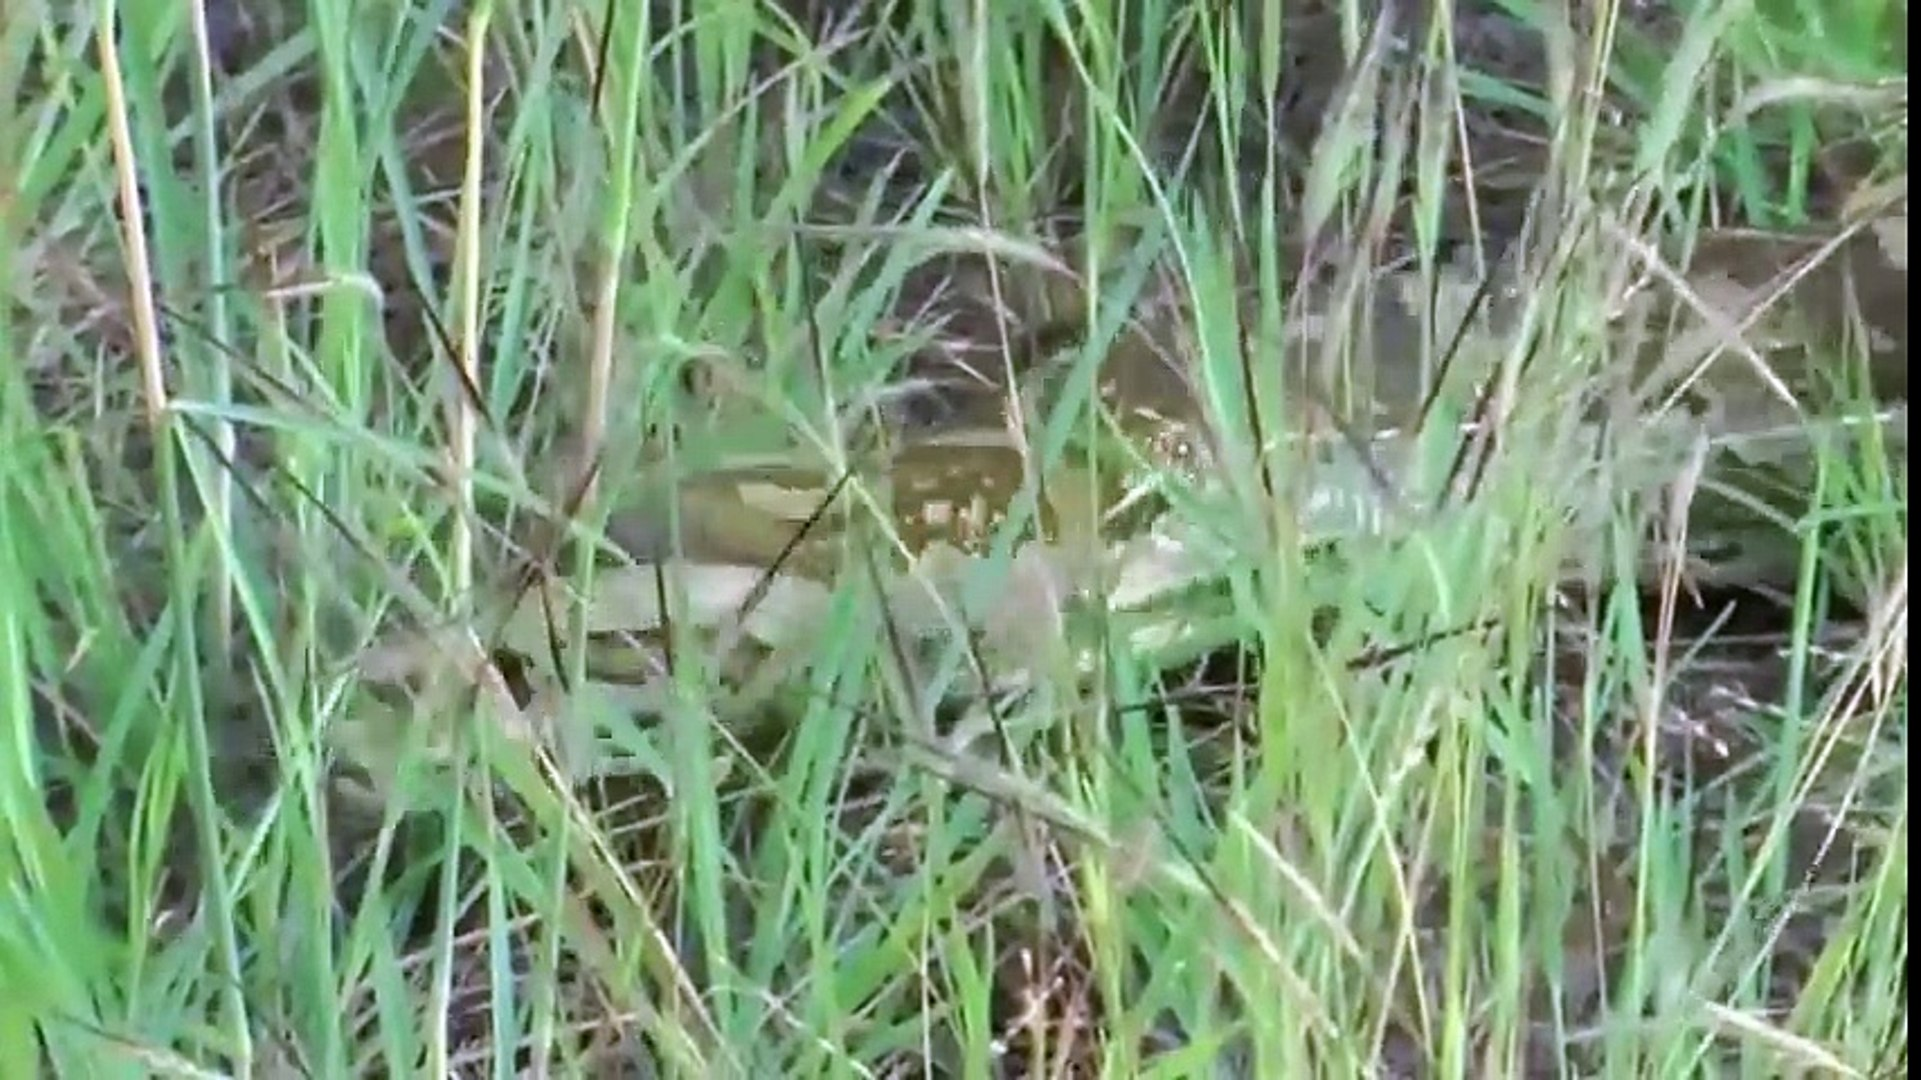 Kruger National Park - Huge Python hides under Car bonnet.